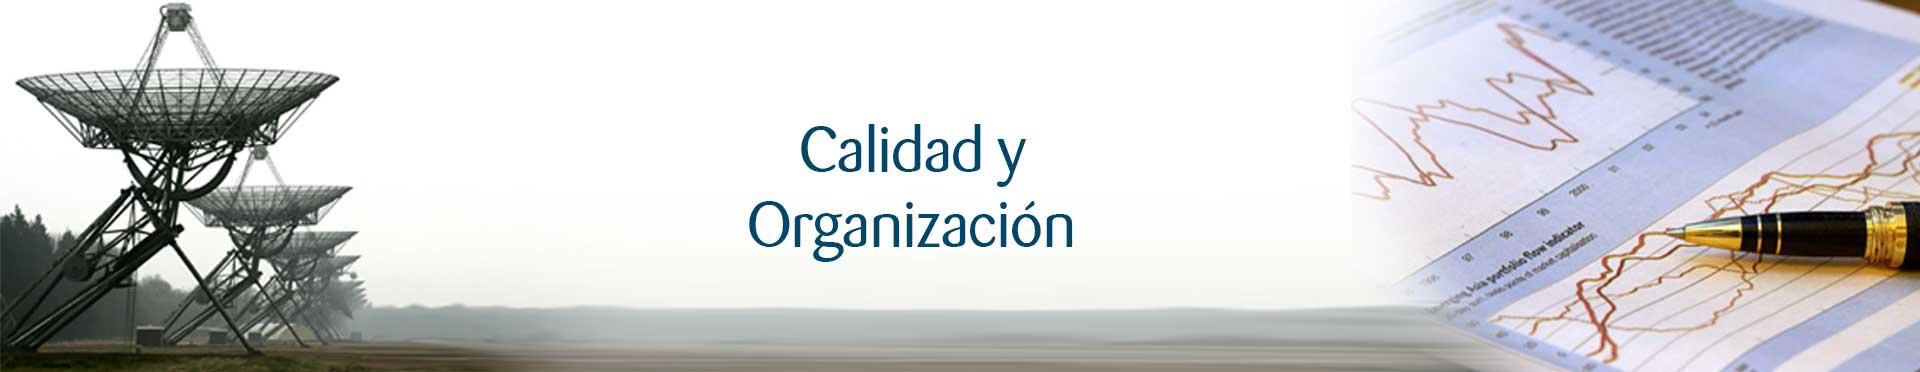 implantar certificados en calidad y organización